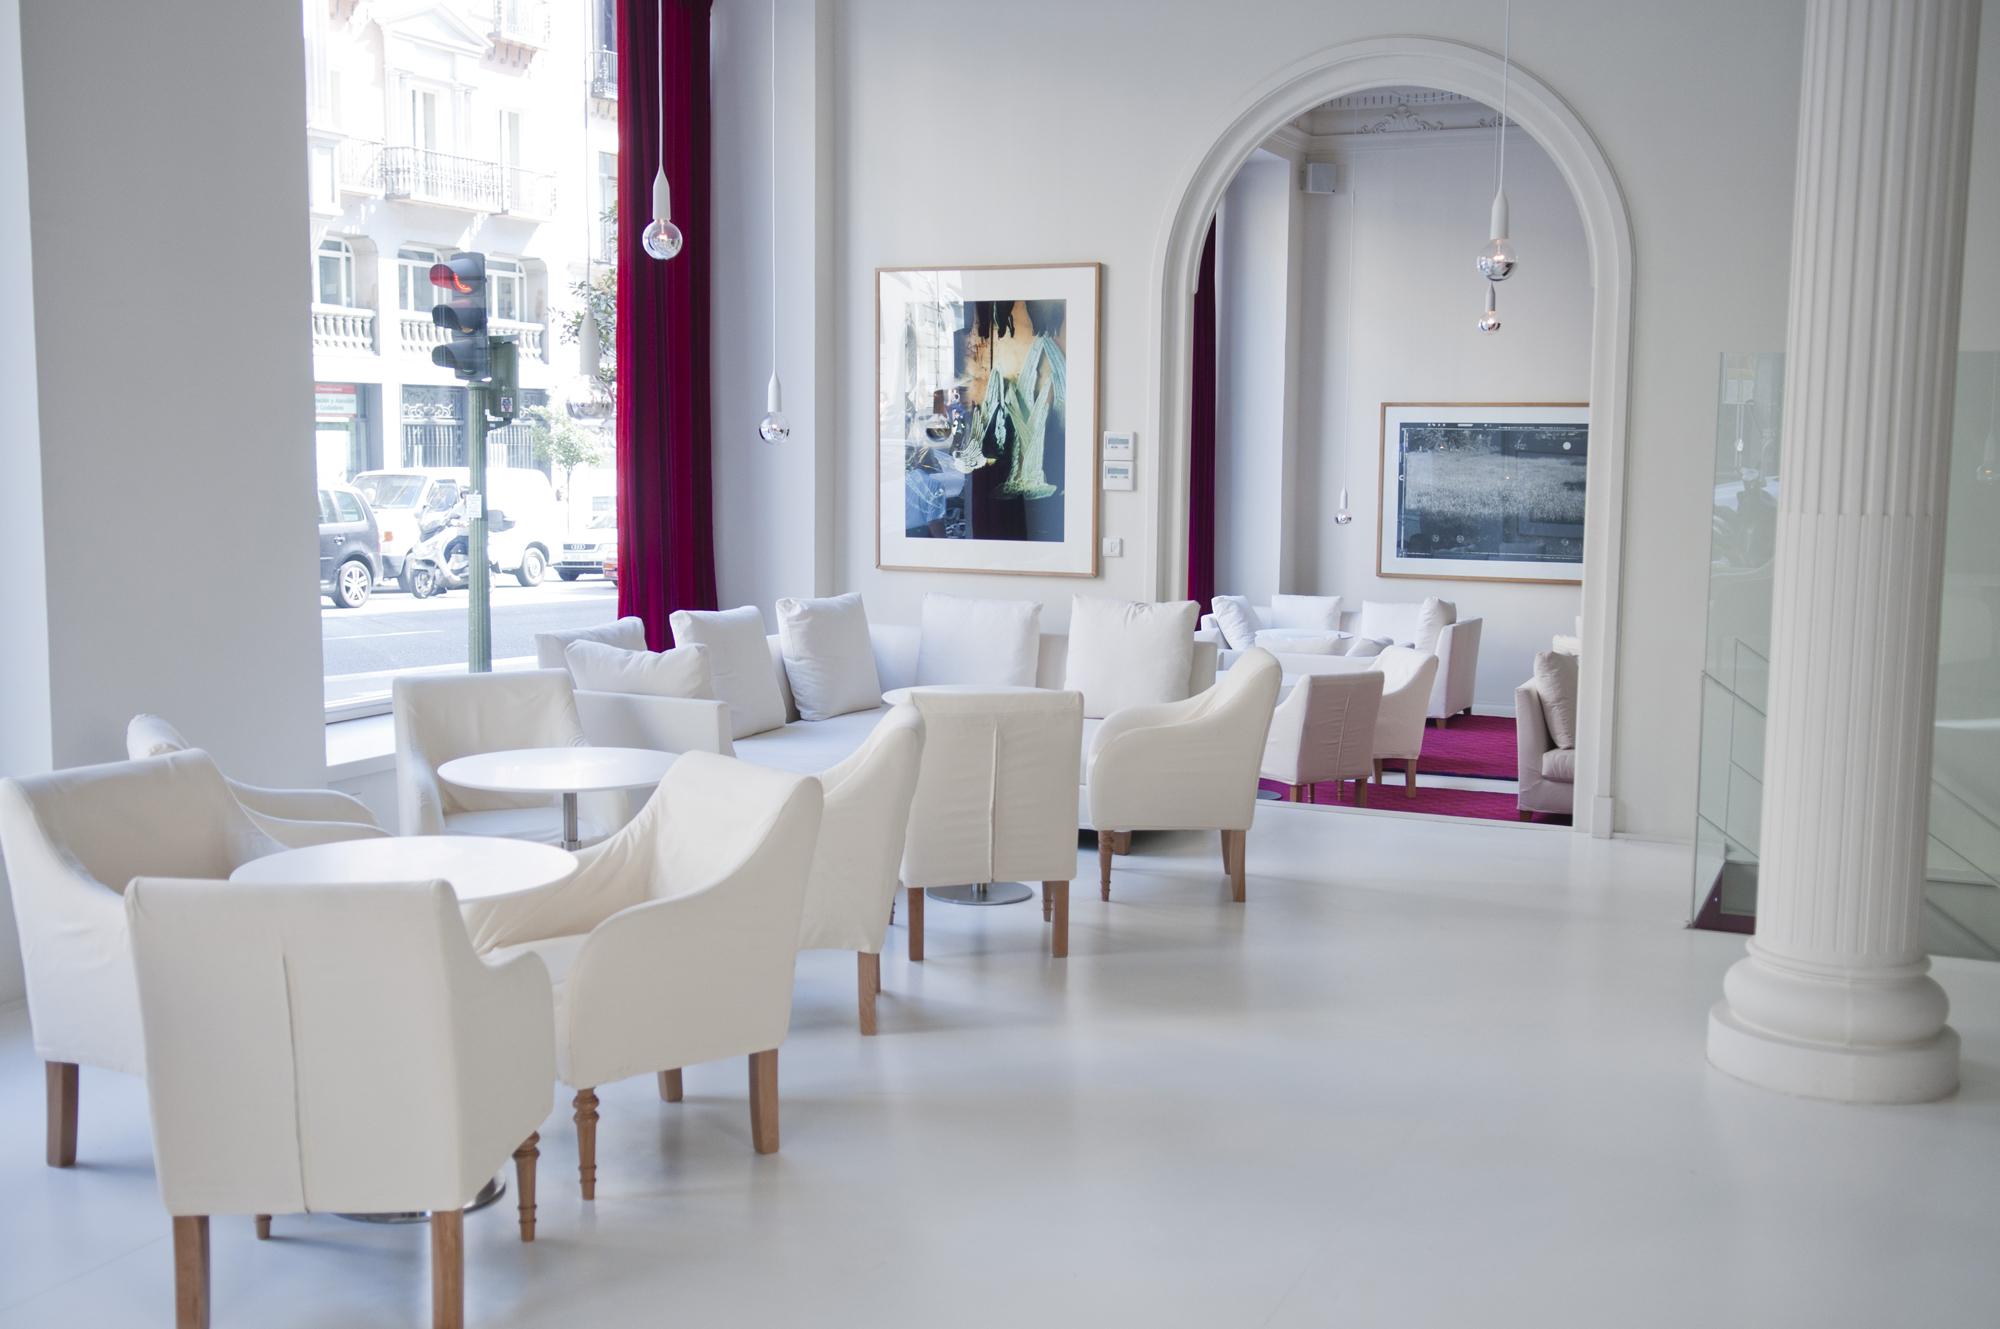 Reportaje para el Hotel Las letras, en la C/ Gran via, de su nuevo espacio Lounge.